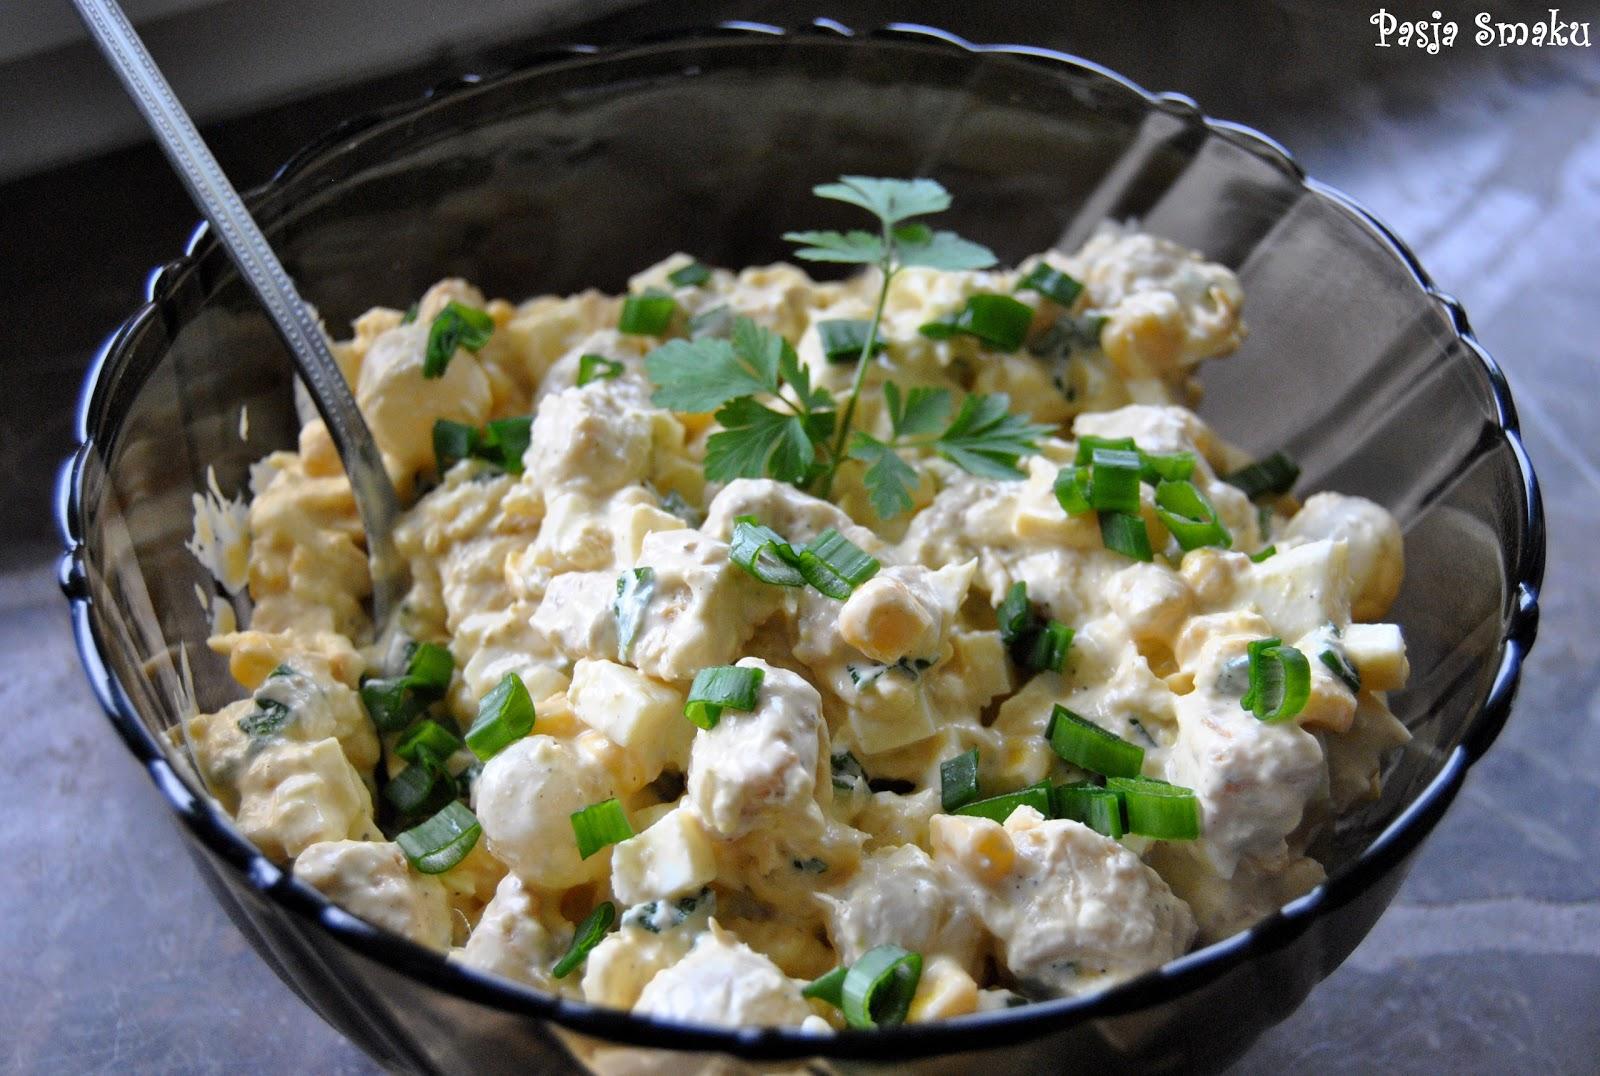 Salatka Chrzanowa Pasja Smaku